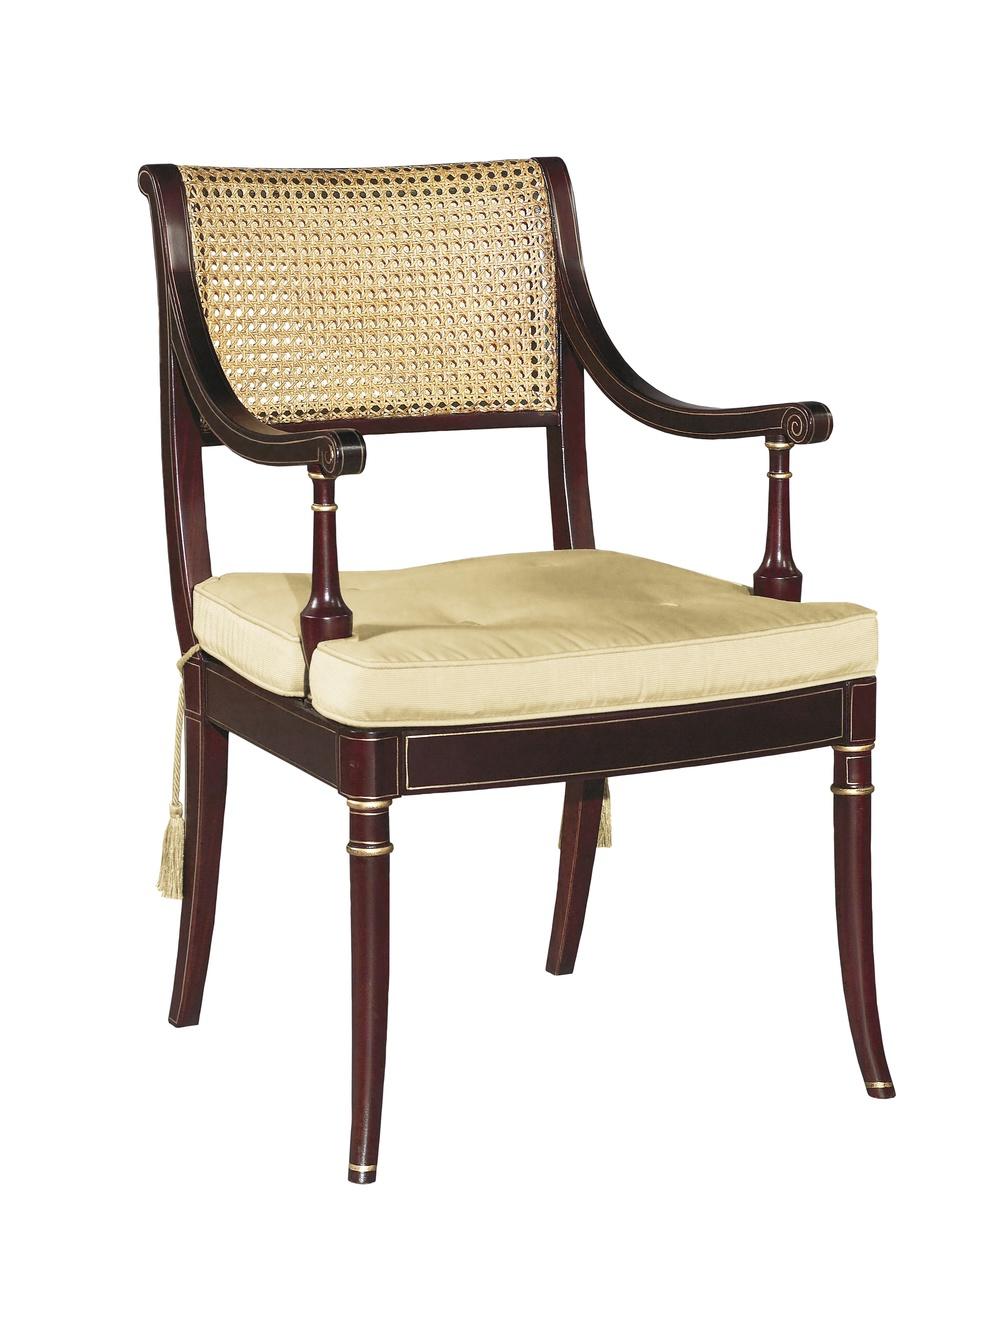 Hickory Chair - Stewart Arm Chair